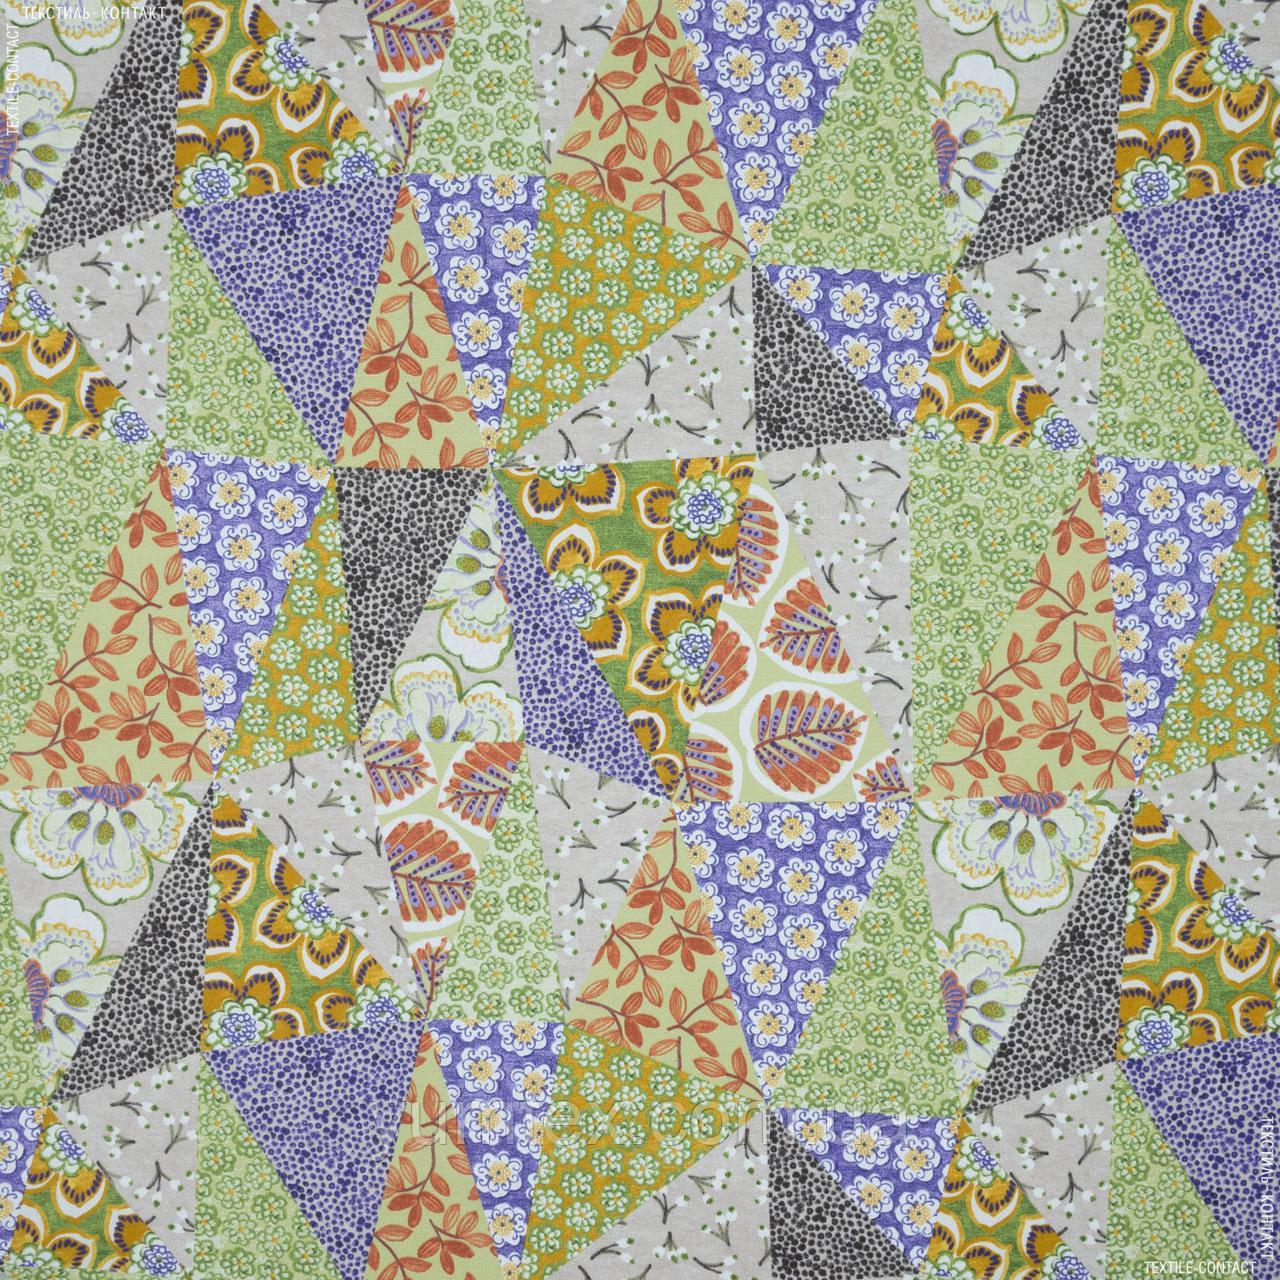 Декоративна тканина панама хеві/ hevia печворк зелений,беж,фіолет 148944